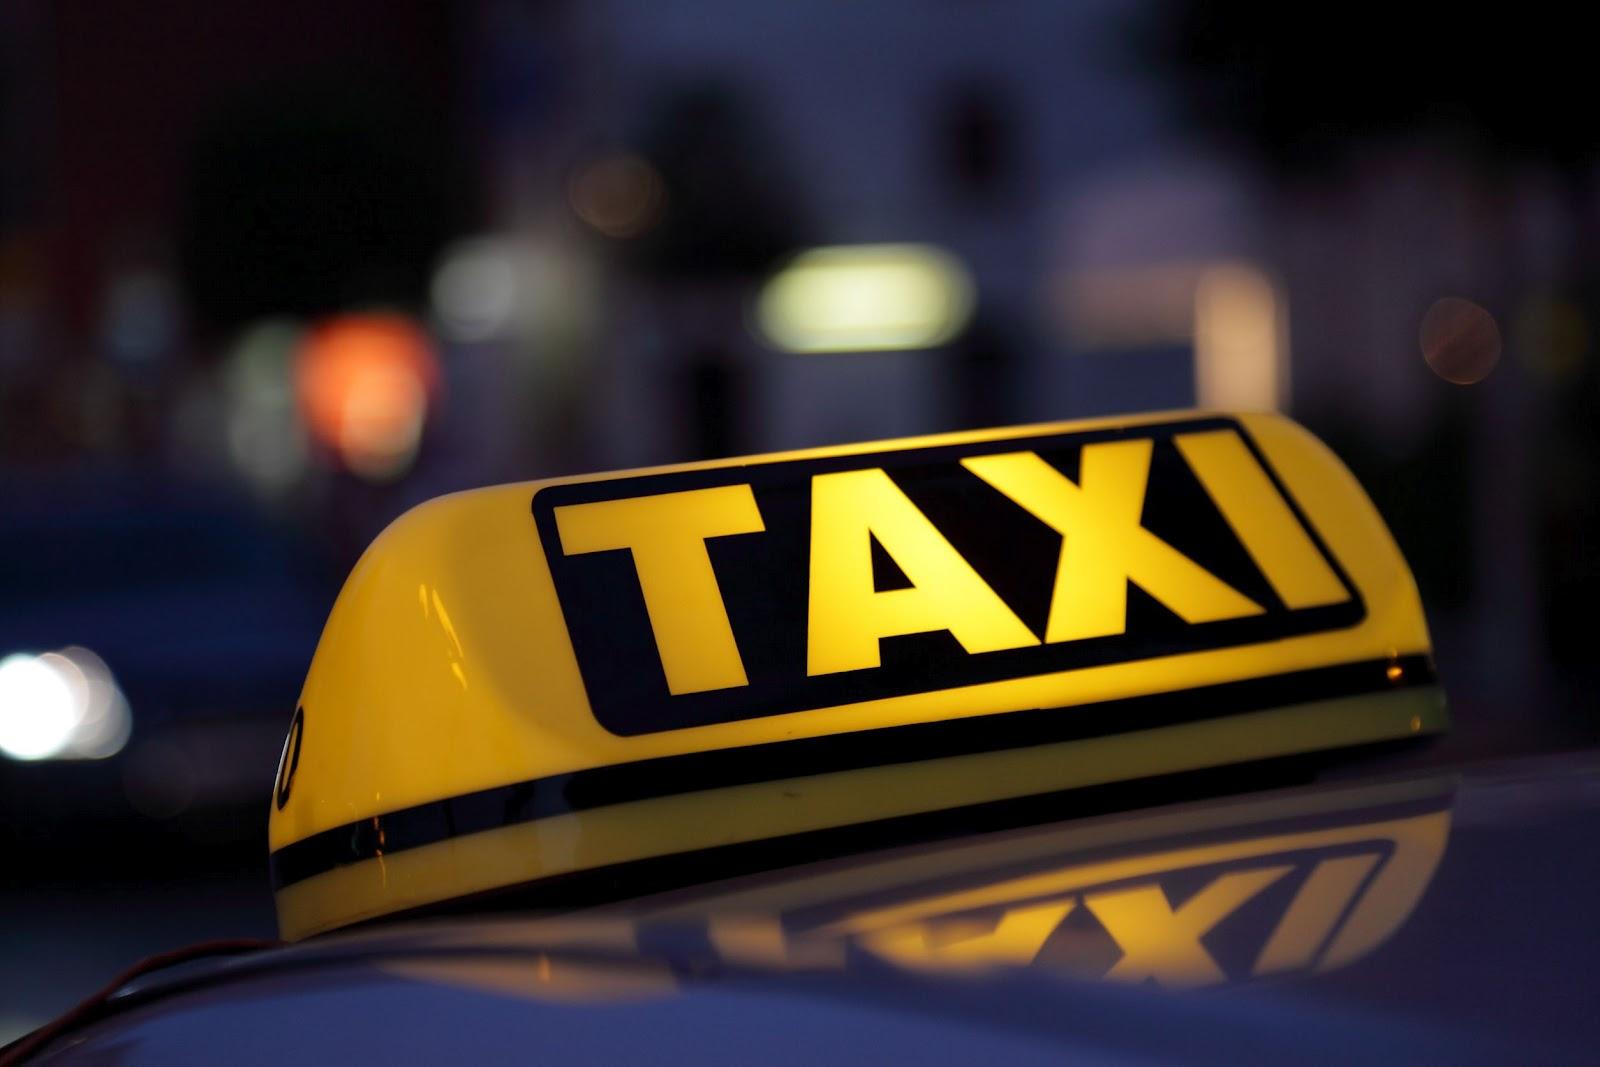 В ходе прокурорской проверки выявленна масса нарушений в такси «Максим»